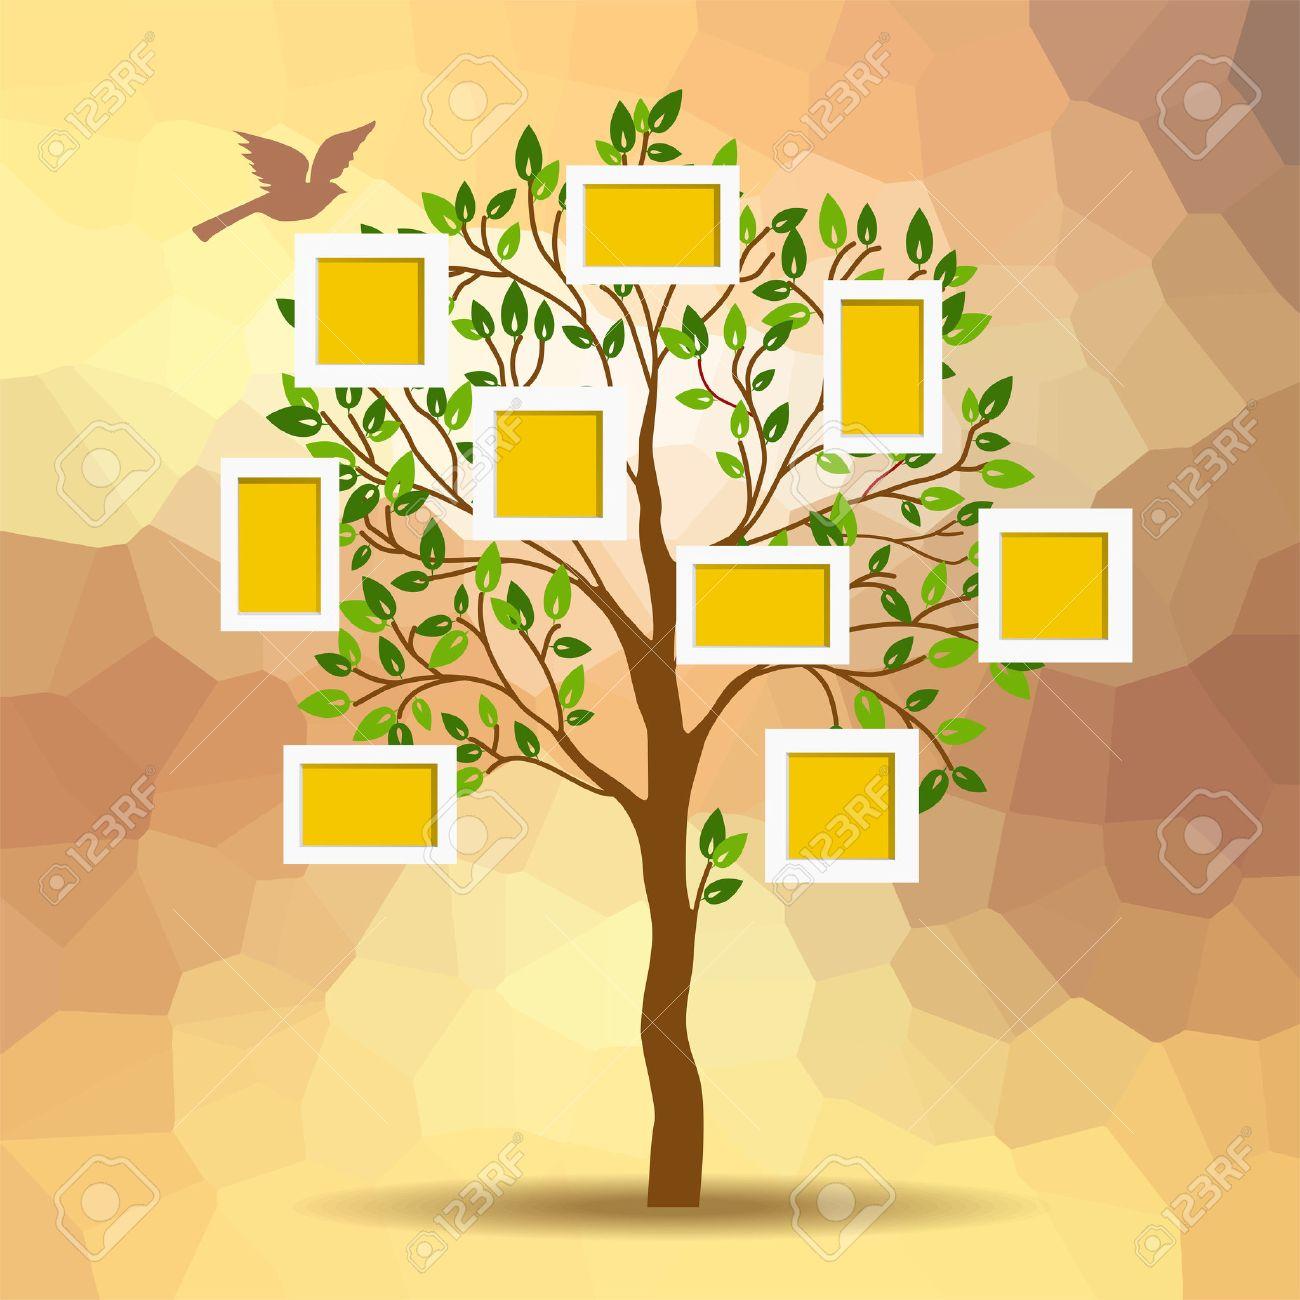 stunning family tree design ideas photos interior design ideas 30940035 family tree design insert photos into - Family Tree Design Ideas